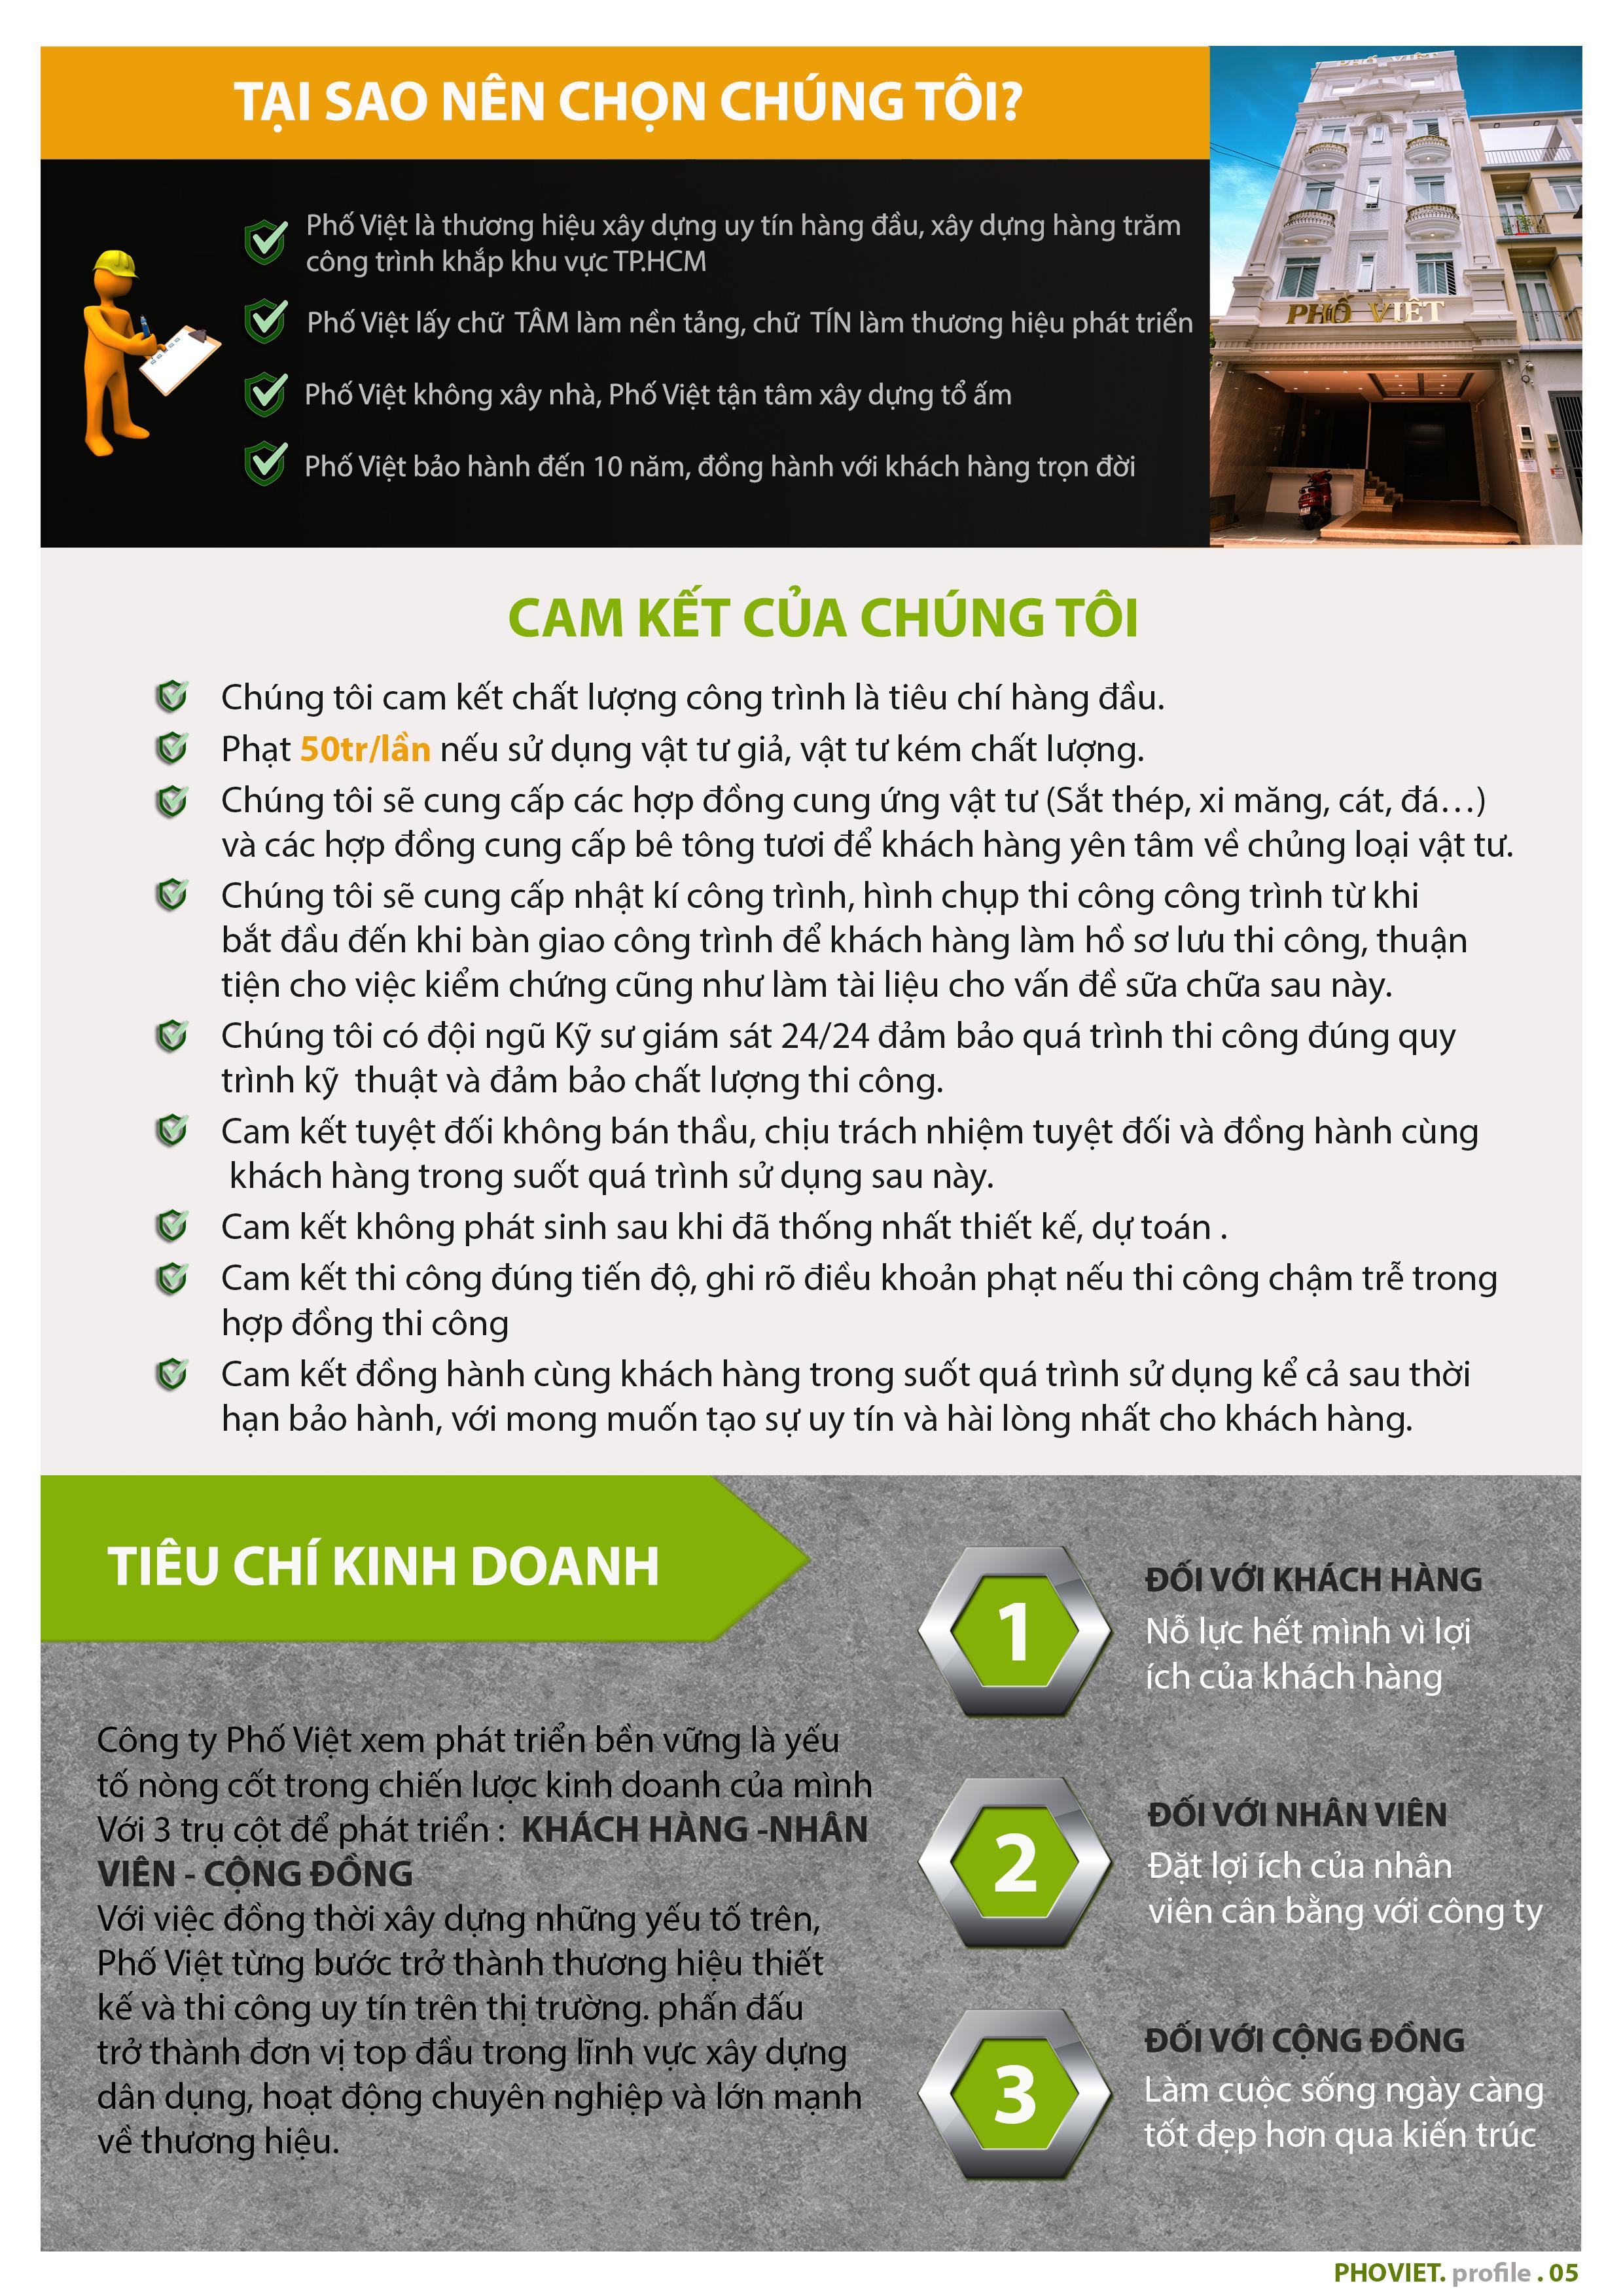 Là công ty xây dựng uy tín tại TPHCM, Phố Việt luôn thực hiện đúng cam kết ngay từ đầu với khách hàng